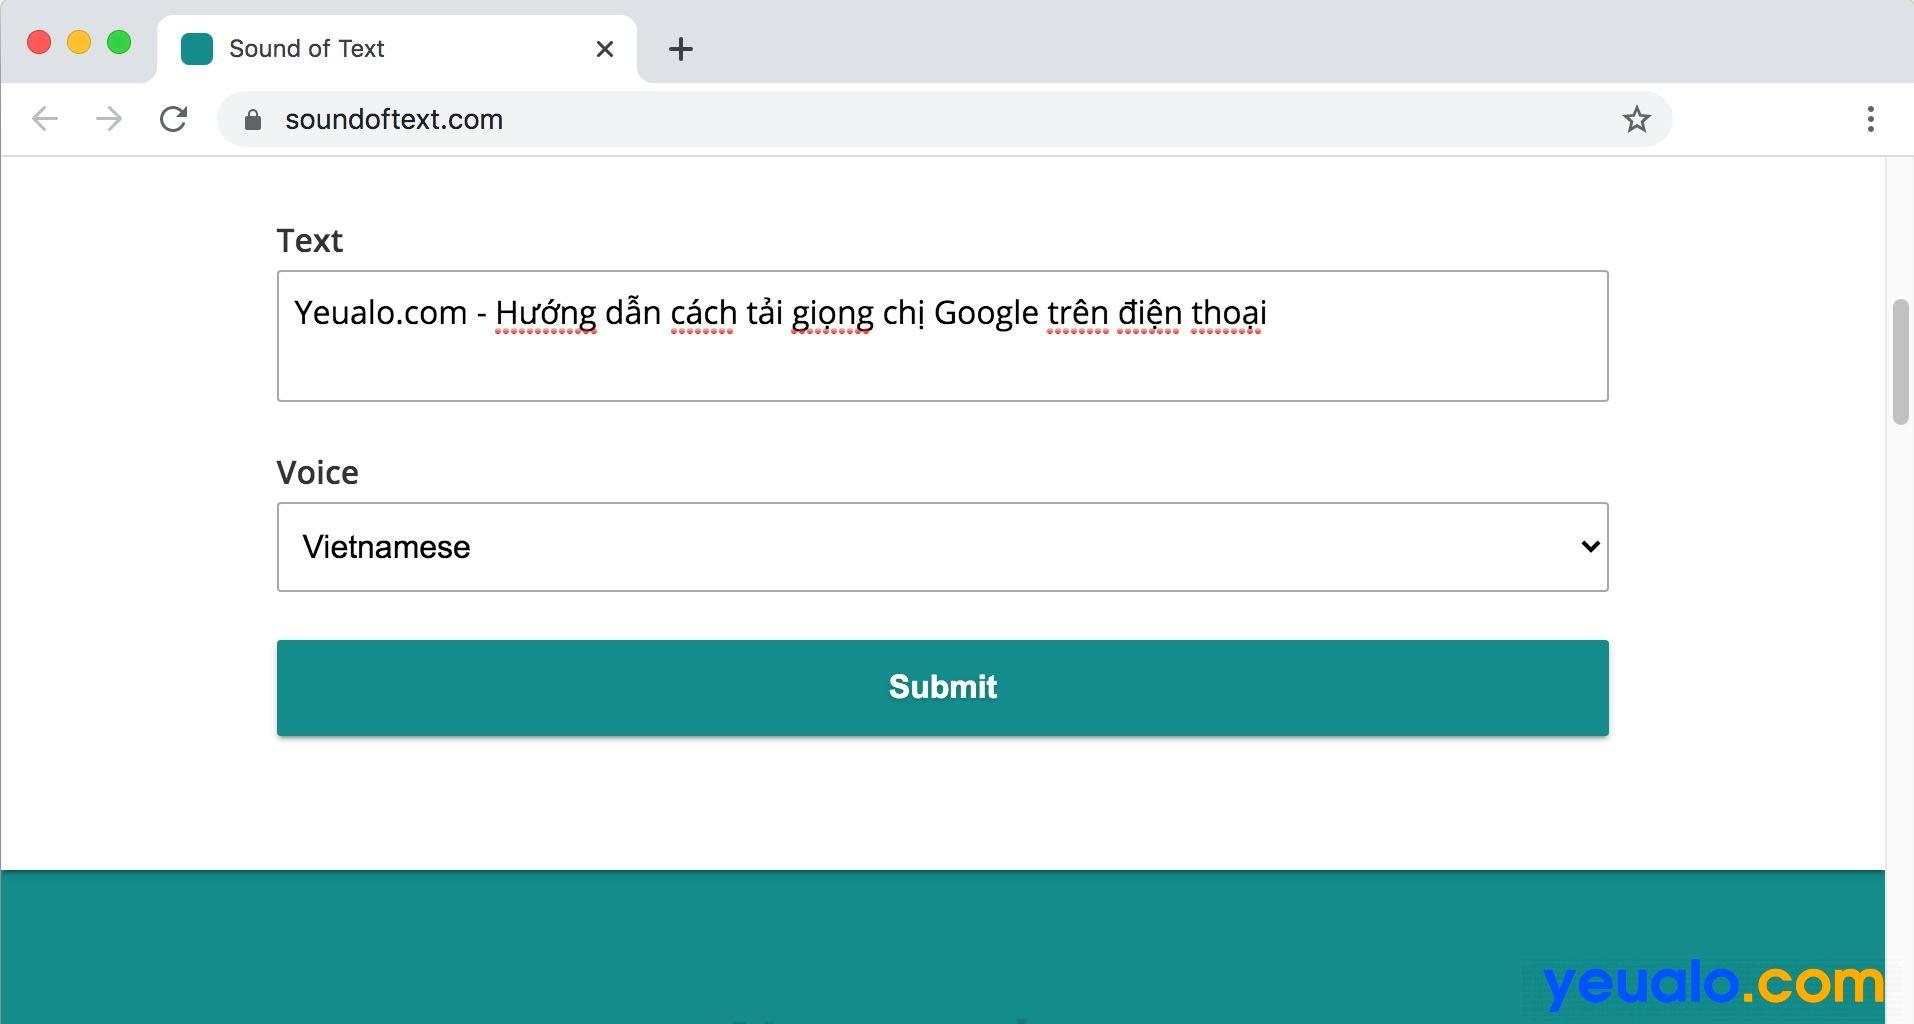 Cách tải giọng chị Google dịch trên máy tính